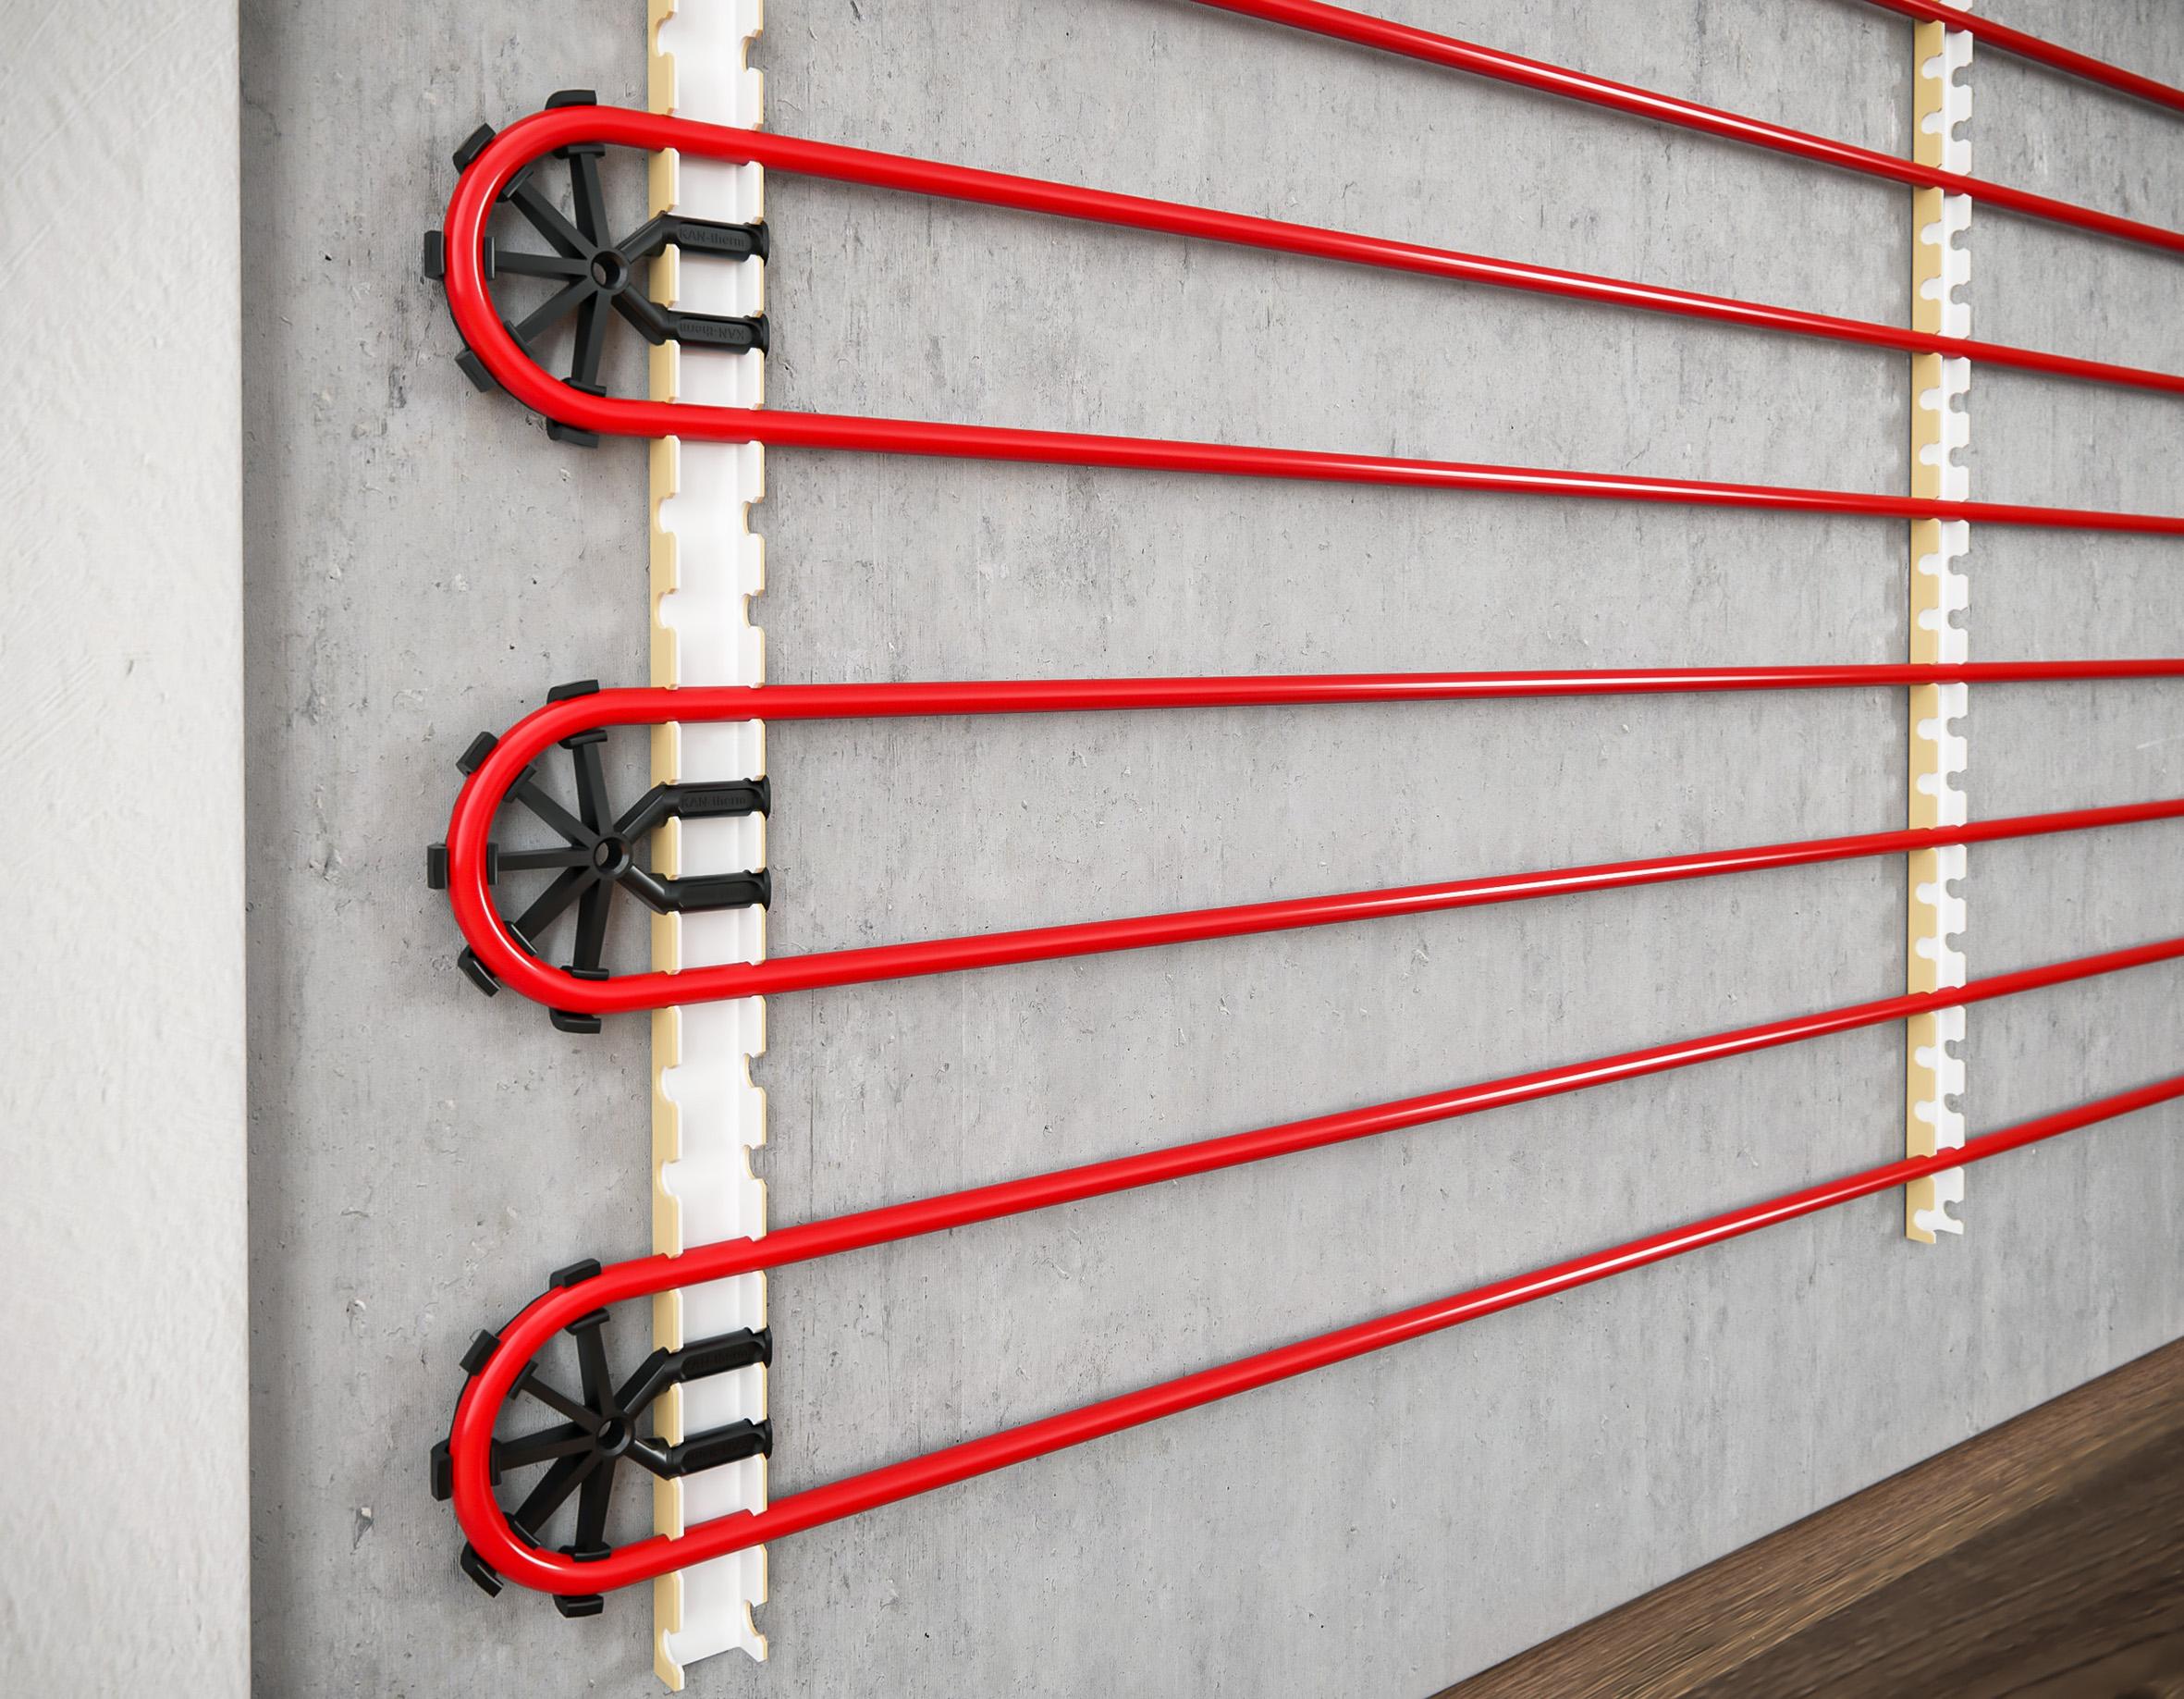 Теплый пол на стену: особенности и виды отопительной системы. плюсы и минусы теплых стен